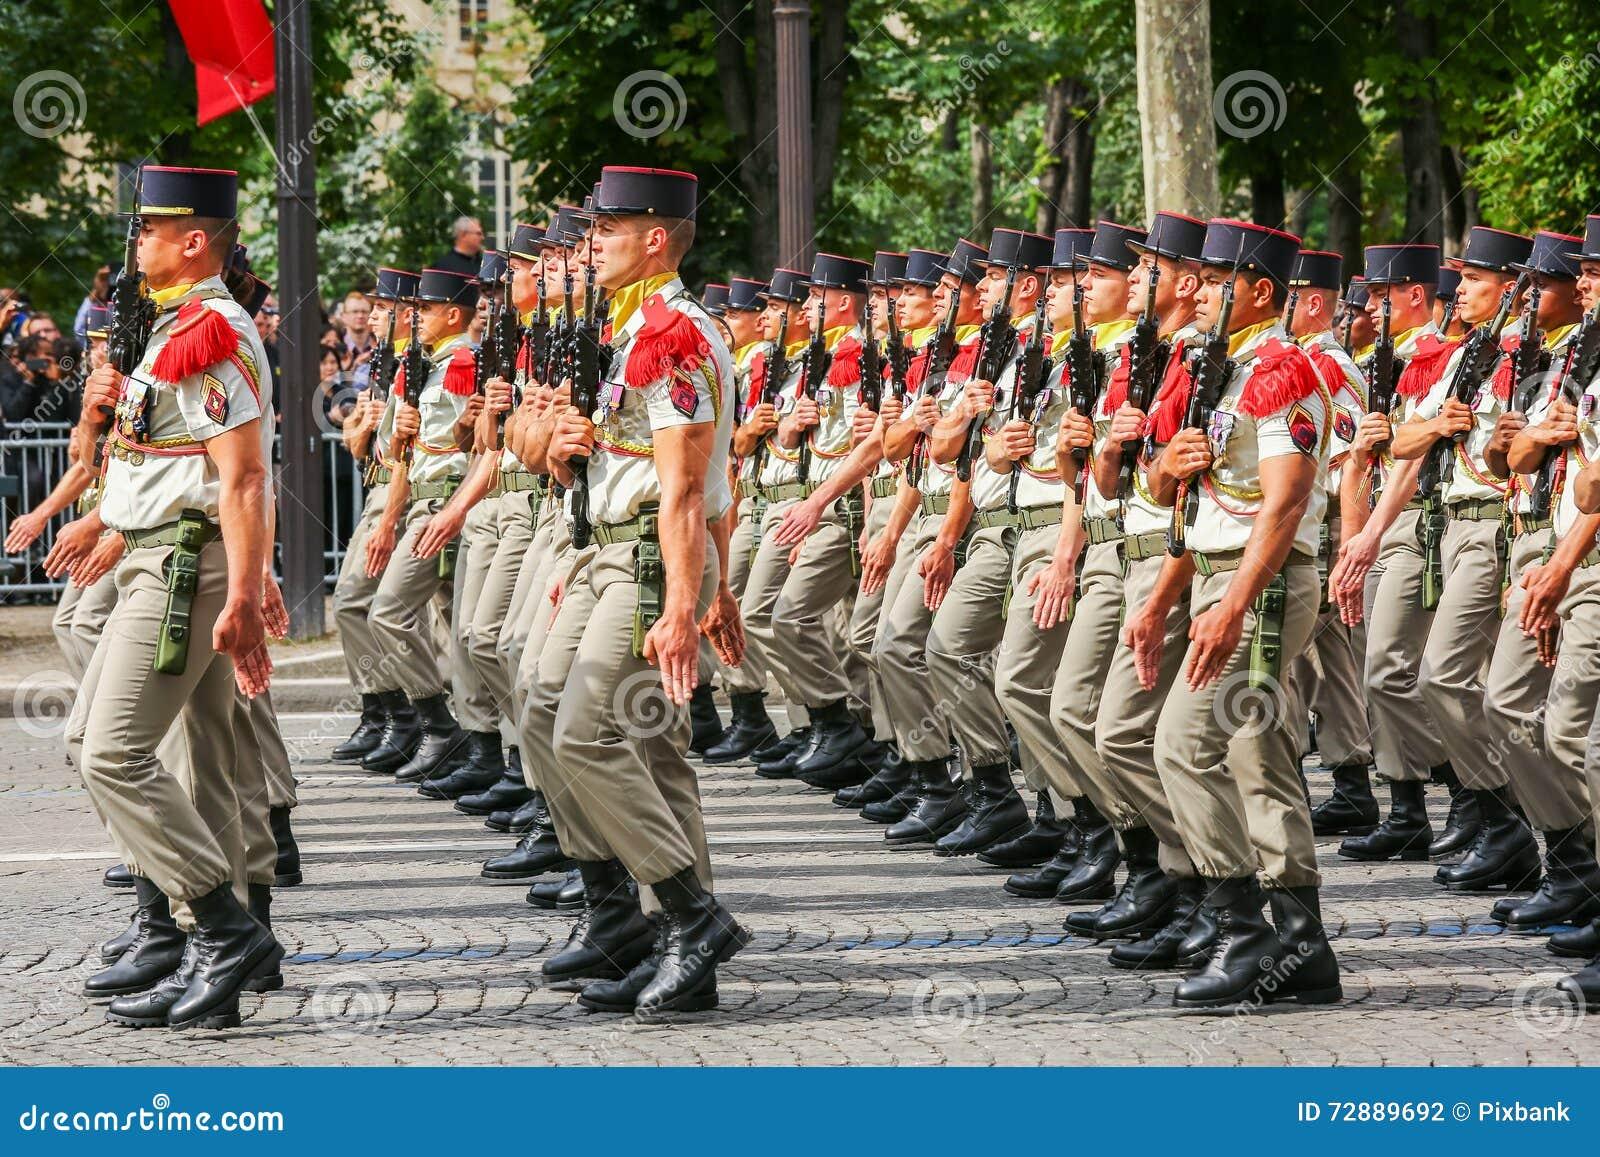 Desfile militar de la gendarmería nacional (desfiladero) durante el ceremonial del día nacional francés, Cham